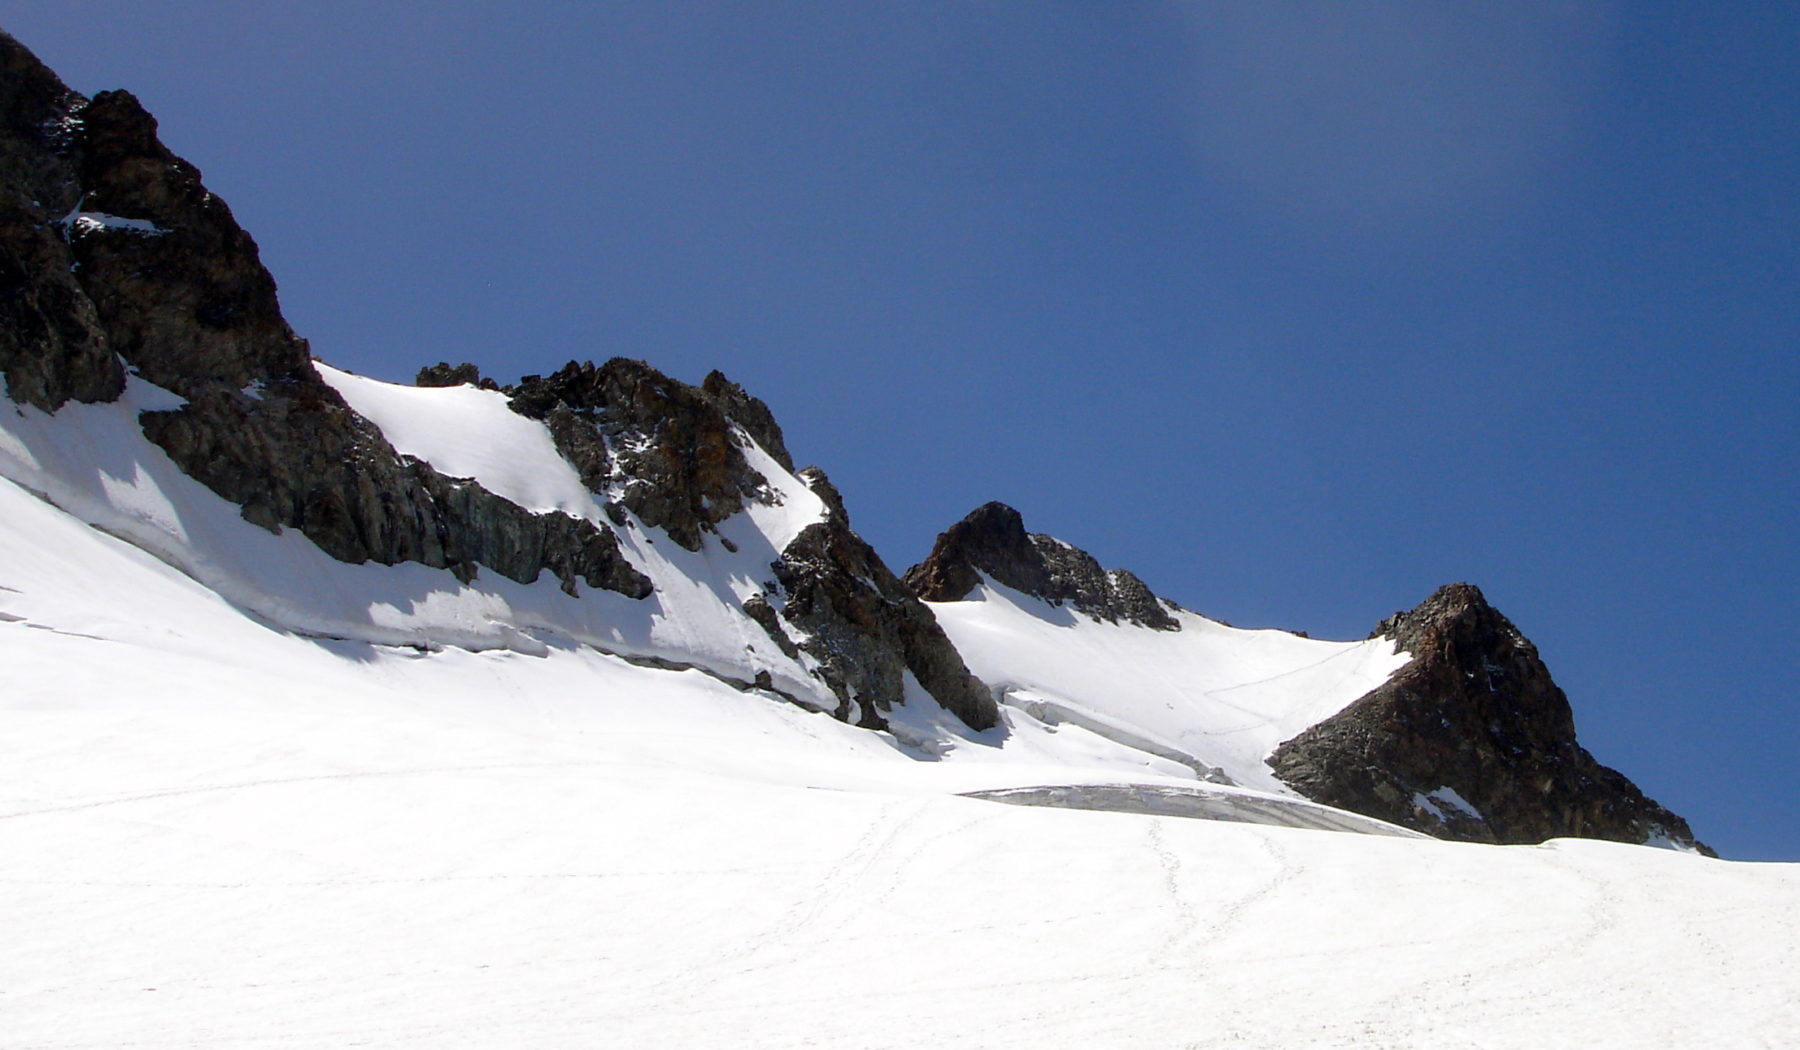 Randonnée glaciaire sur le glacier de la Girose avec les guides de haute montagne de Serre Chevalier. Au fond à droite le Pic de la Grave. Massif des Ecrins, Briançonnais, Hautes Alpes.